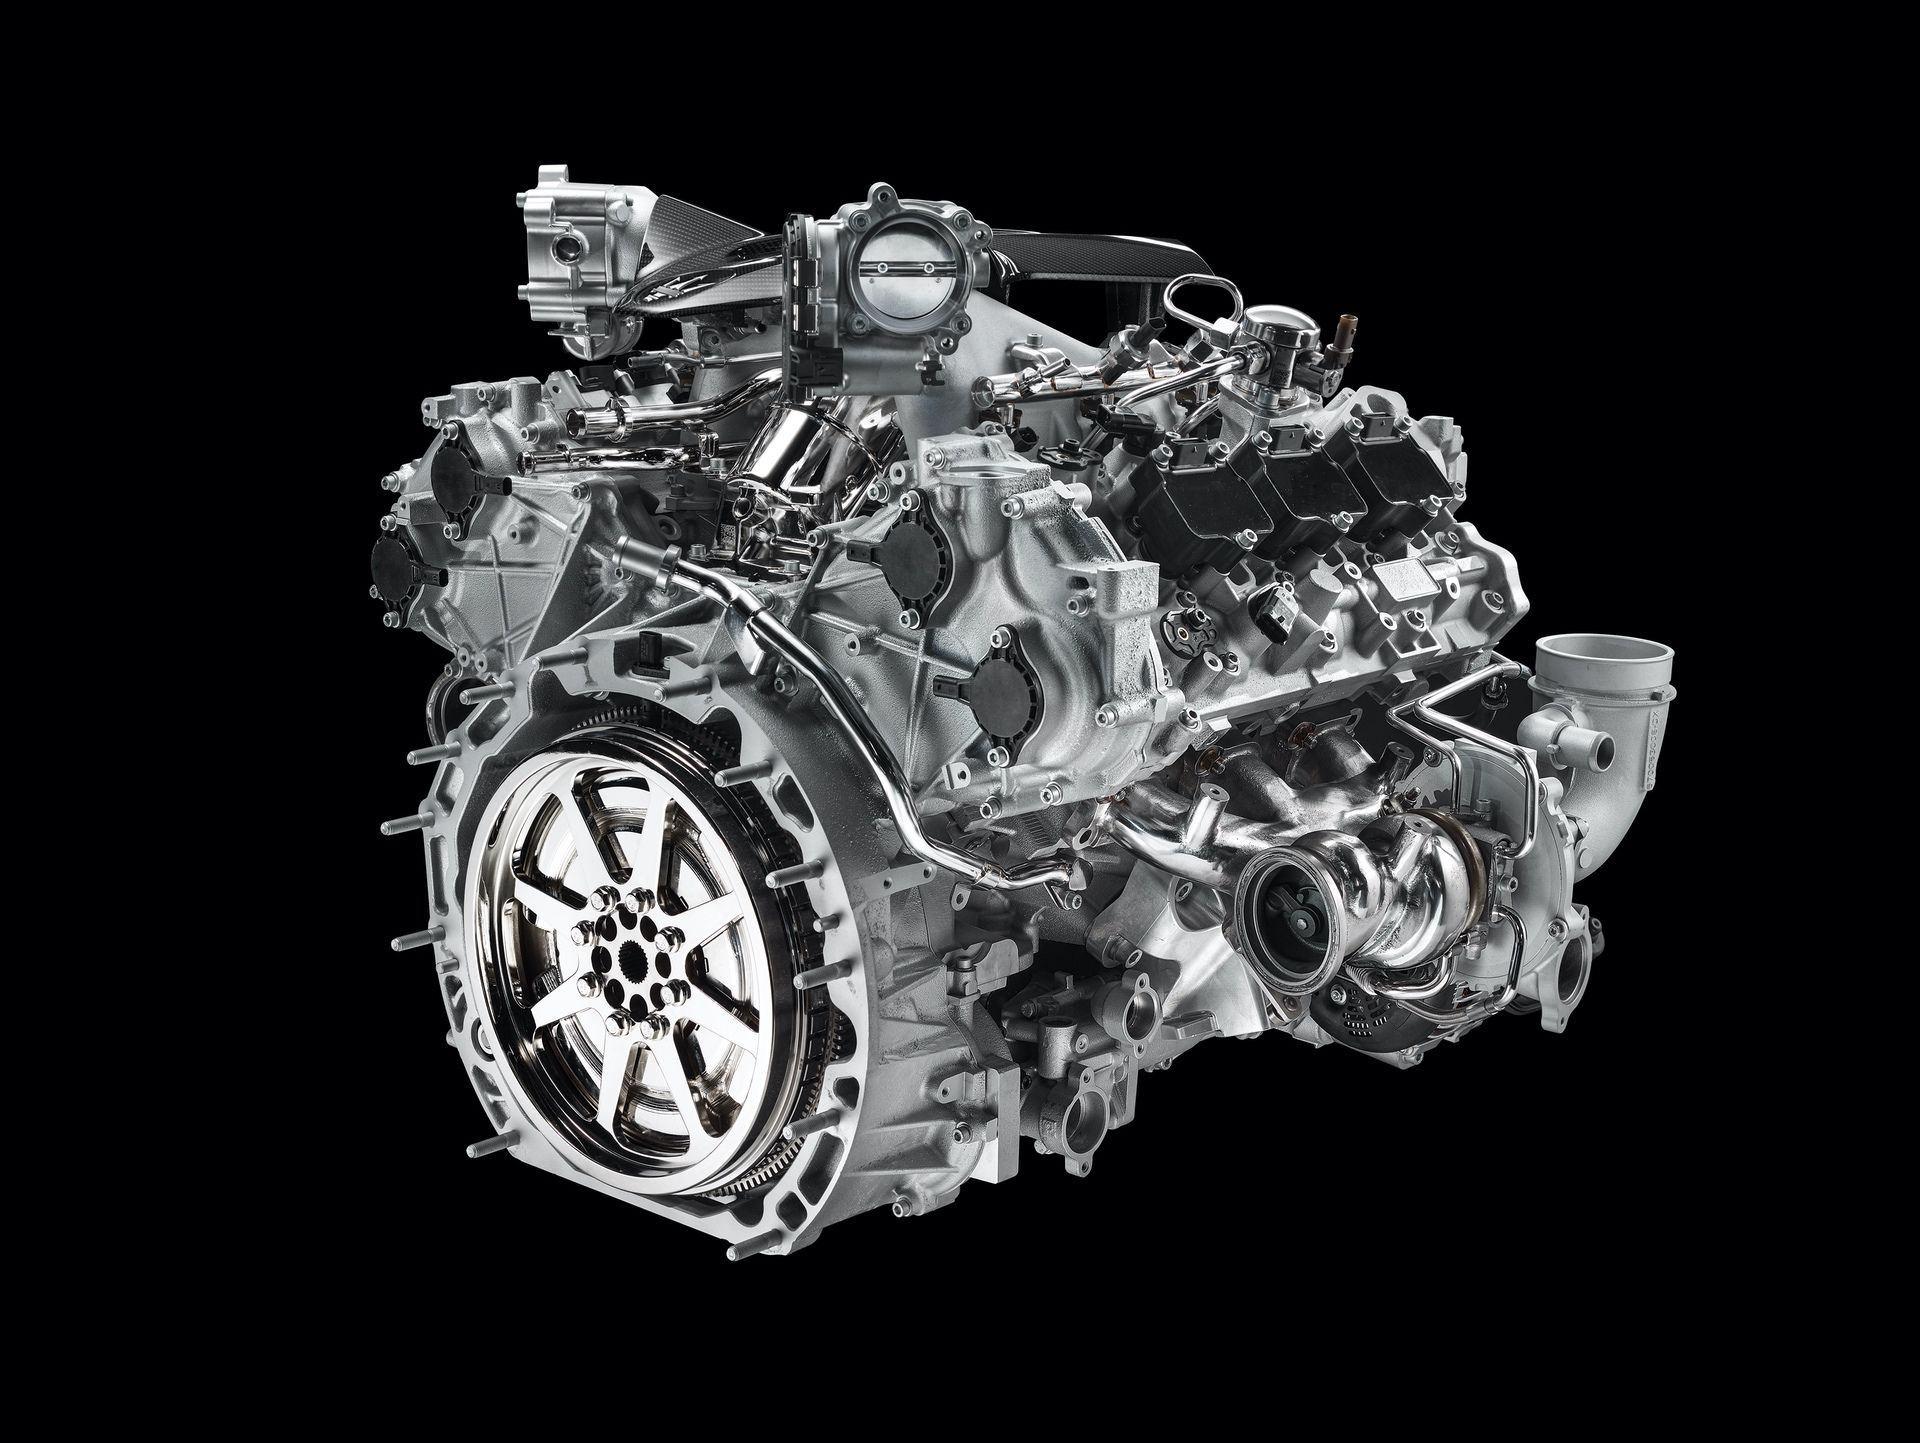 Maserati_Nettuno_engine_0005